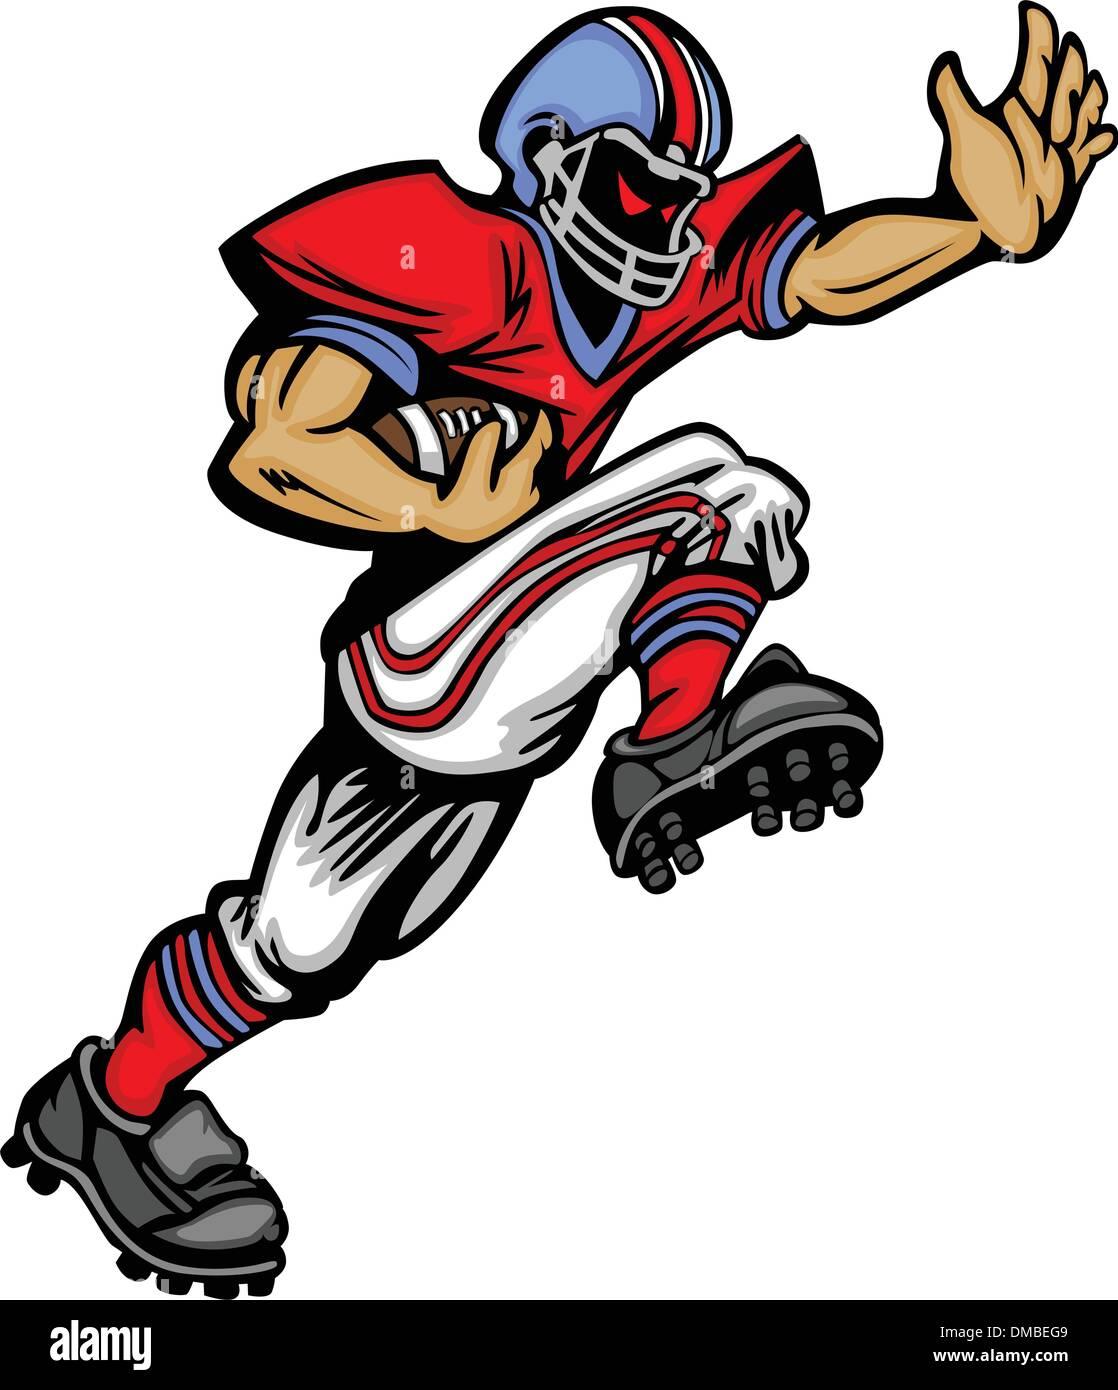 Fußball Spieler Running Vector Cartoon Stockbild